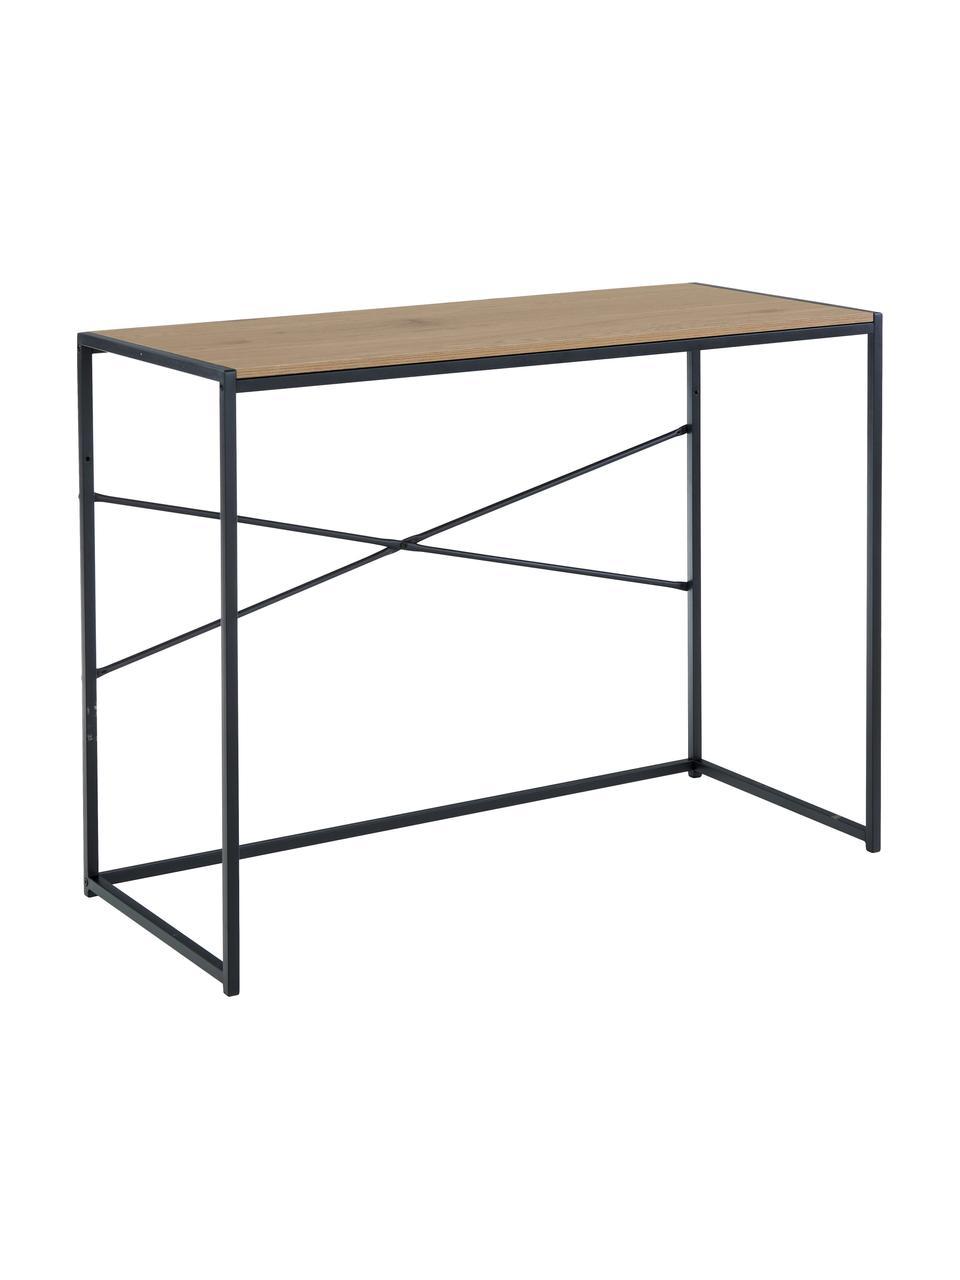 Smal bureau Seaford van hout en metaal, Tafelblad: gelamineerd MDF, Frame: gepoedercoat metaal, Zwart, wild eikenhout, B 100 x D 45 cm